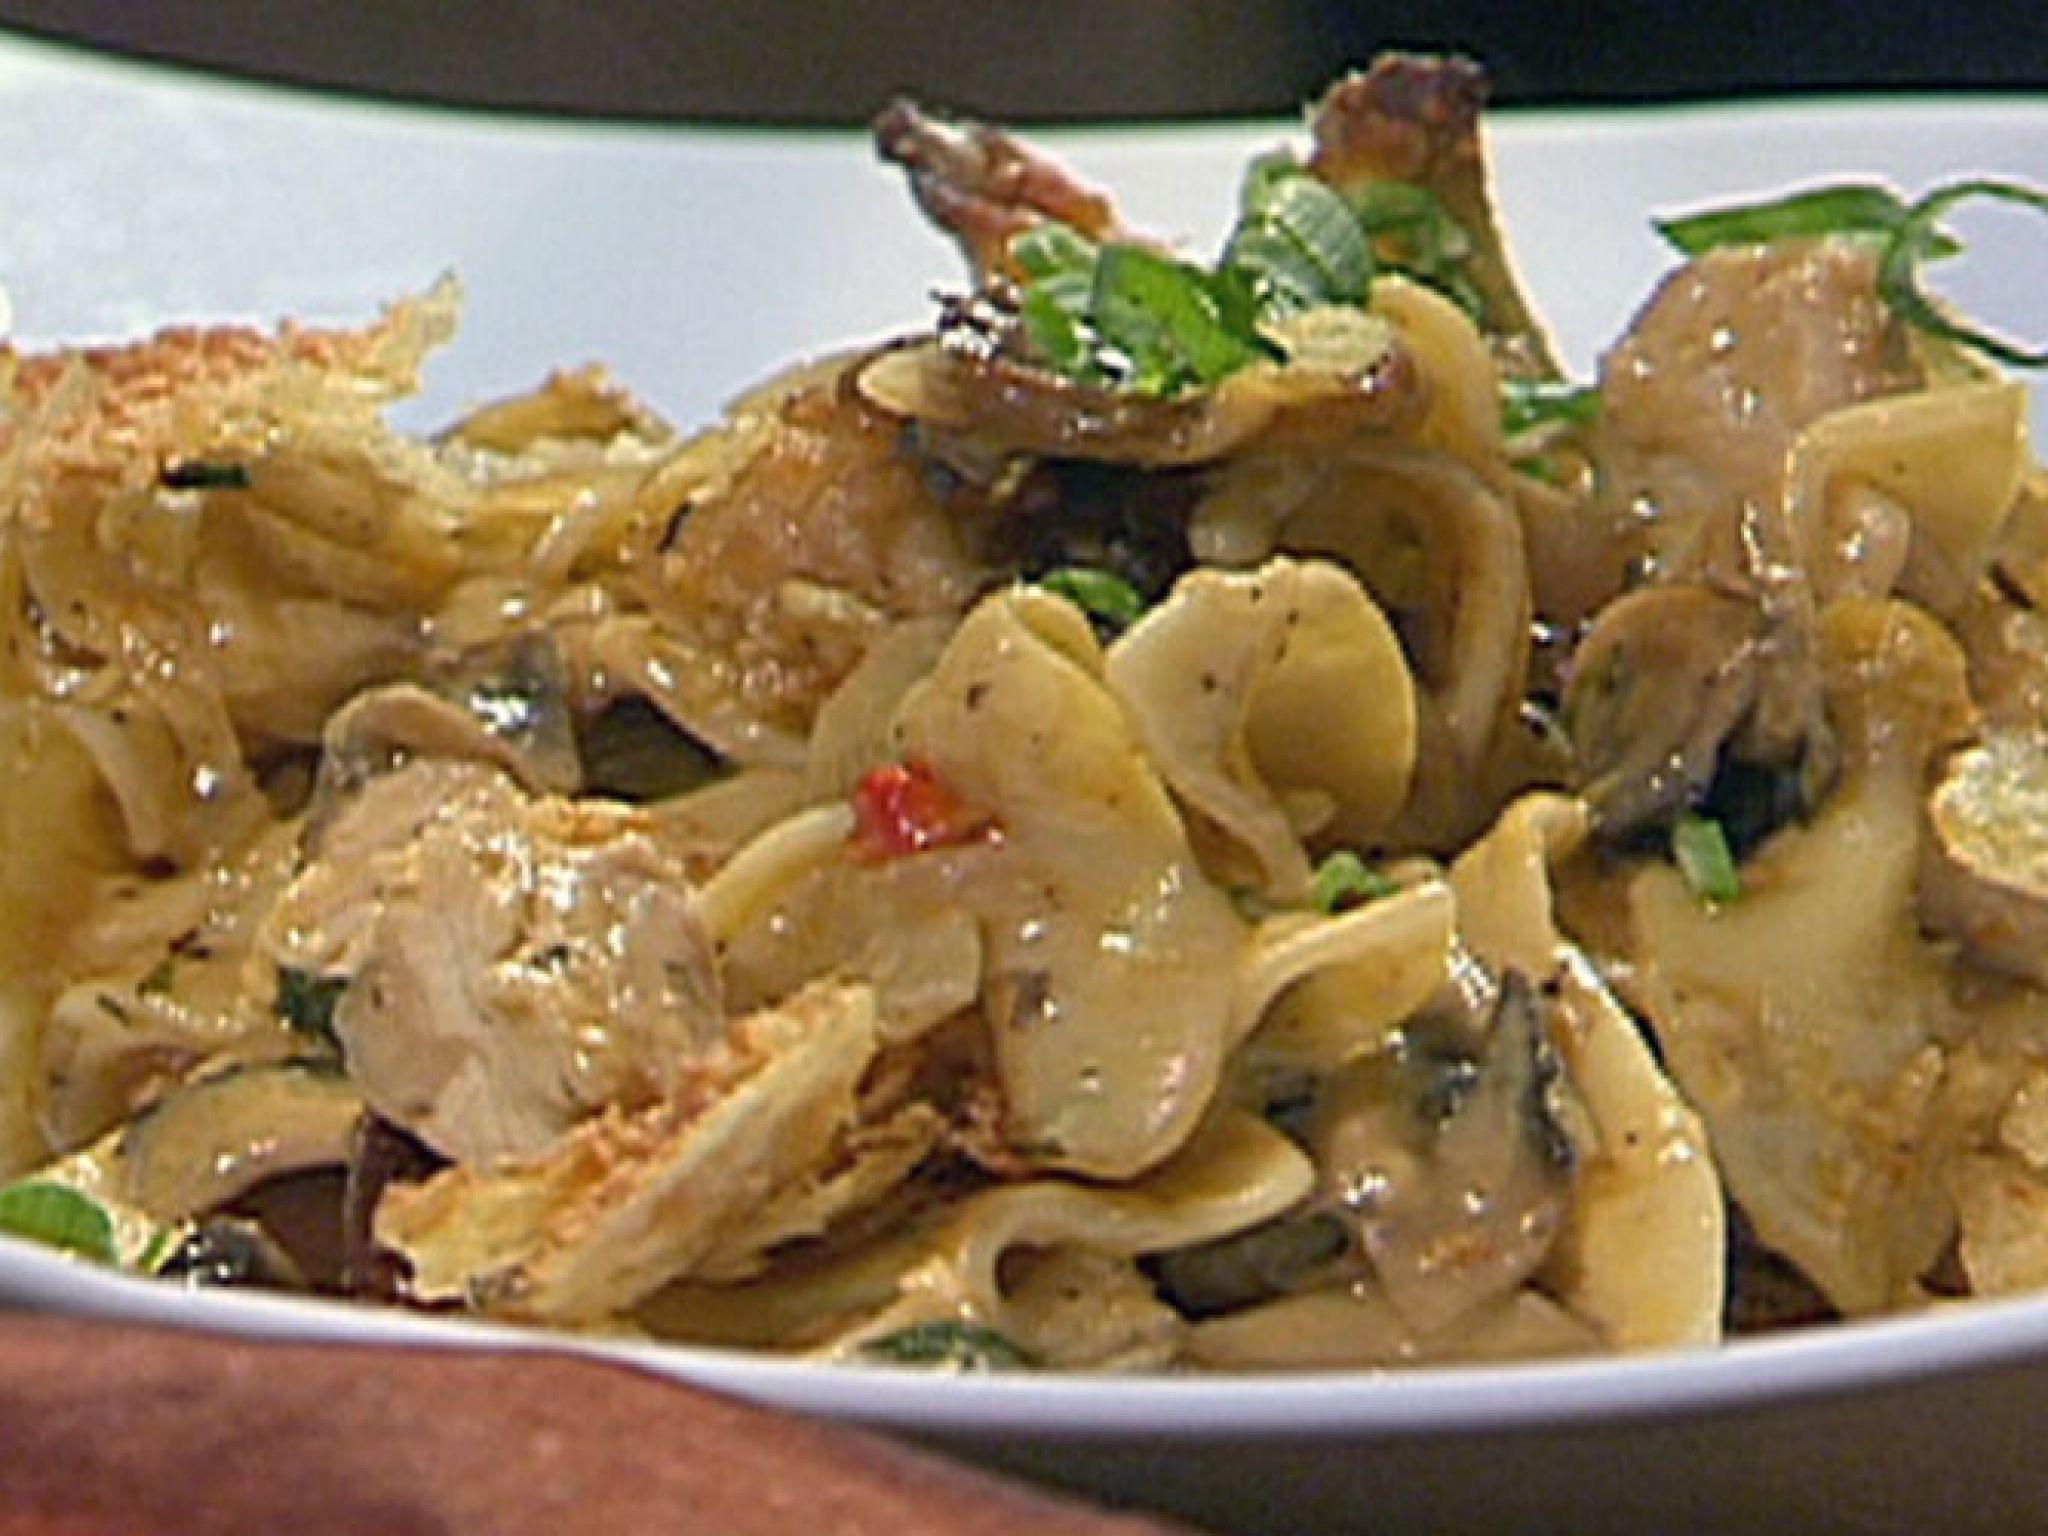 New orleans style italian salad receta explora nuevas recetas recetas de pavo y mucho ms turkey tetrazzini recipe from emeril lagasse via food network forumfinder Gallery